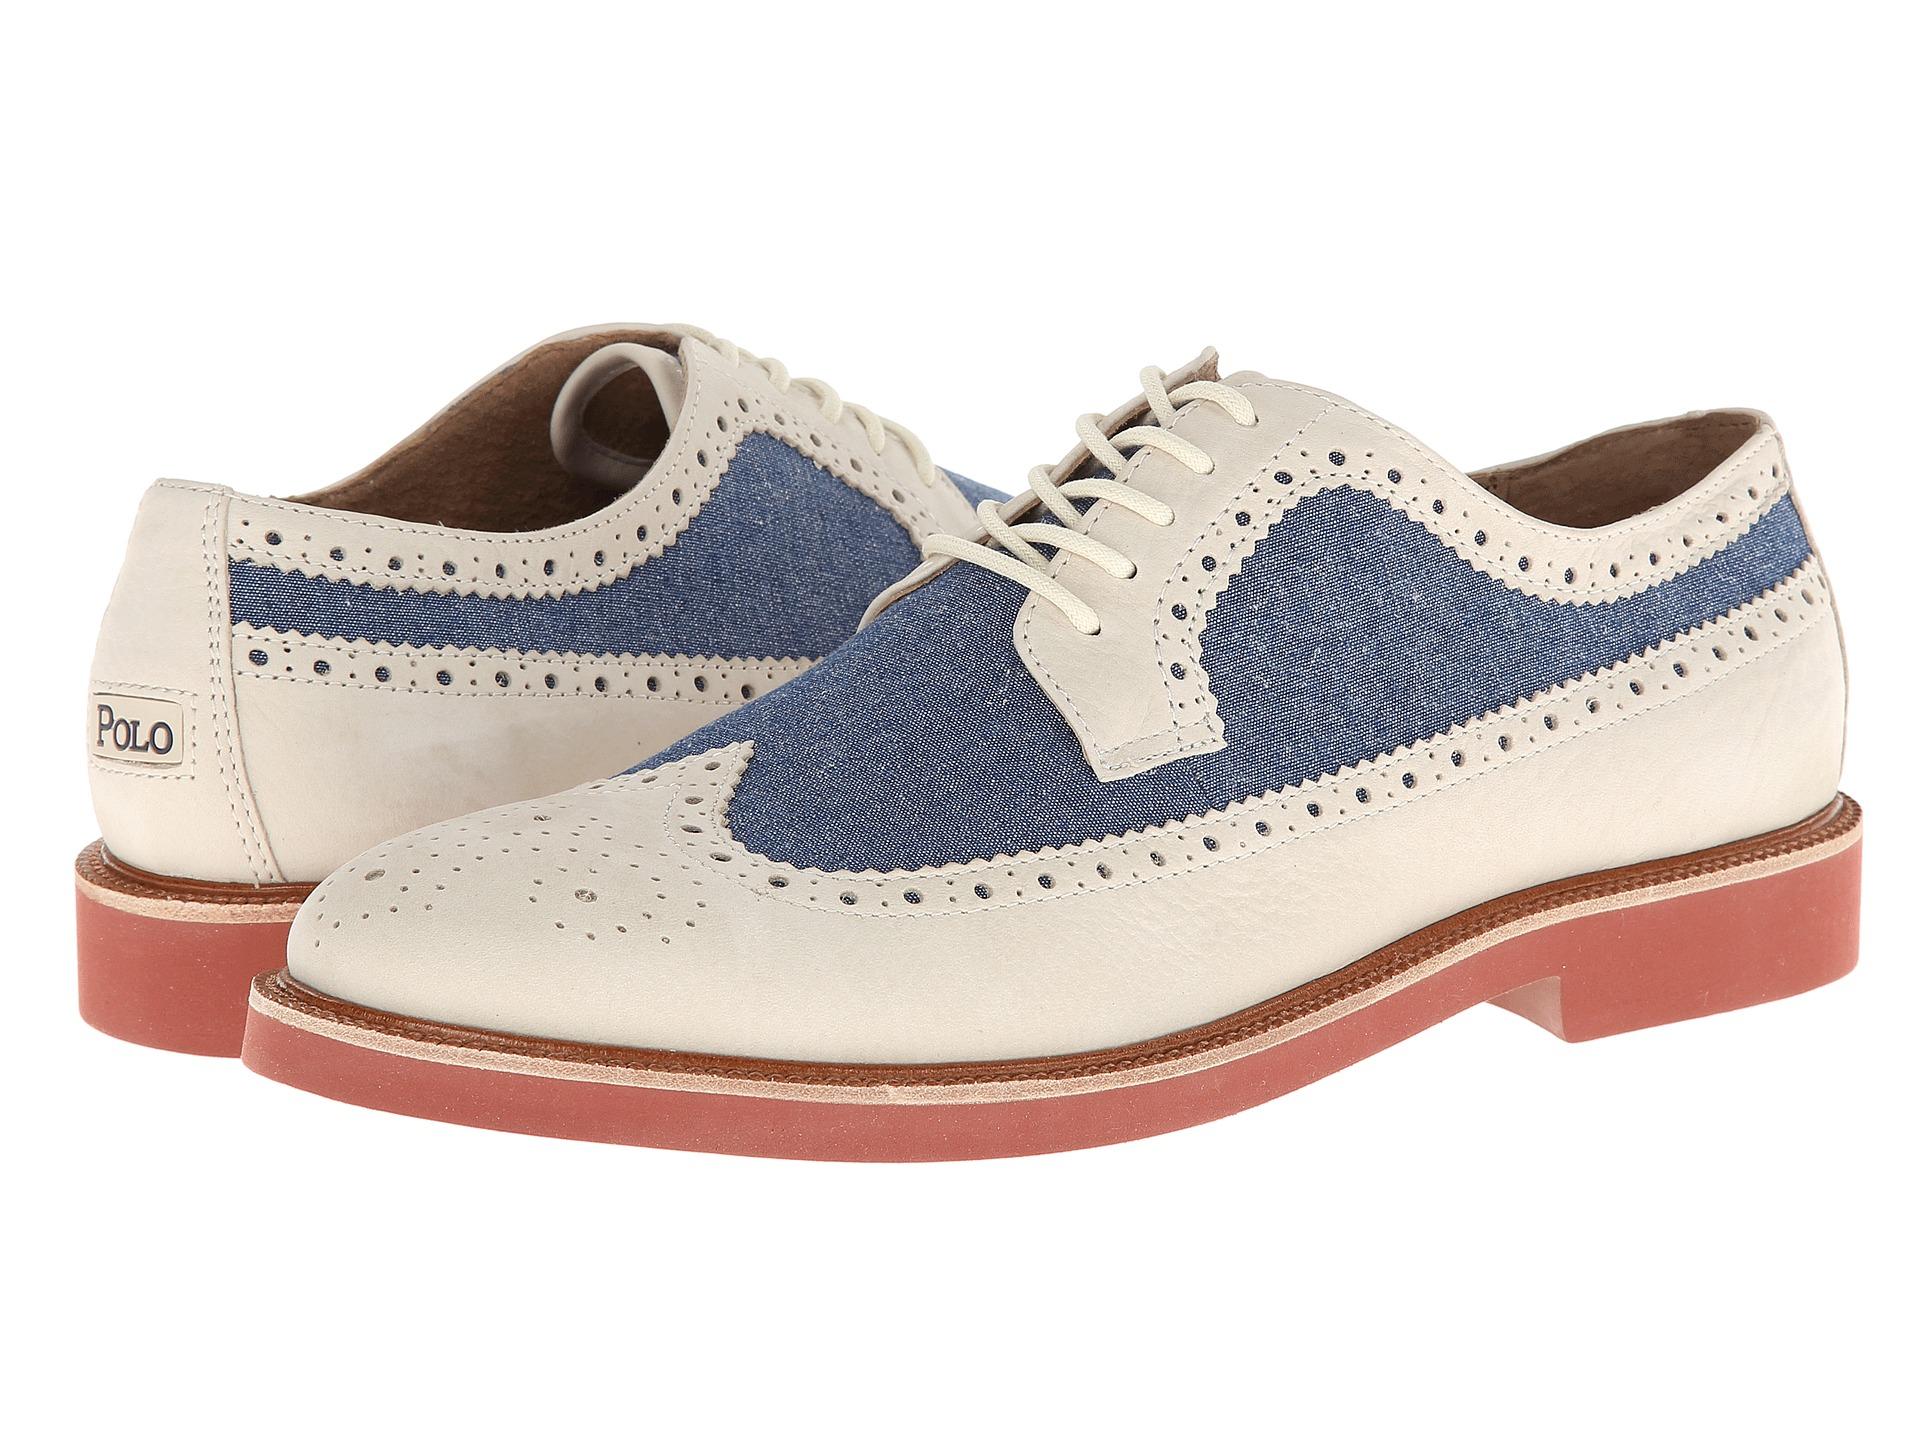 polo ralph lauren shoes torrington wingtip oxfords